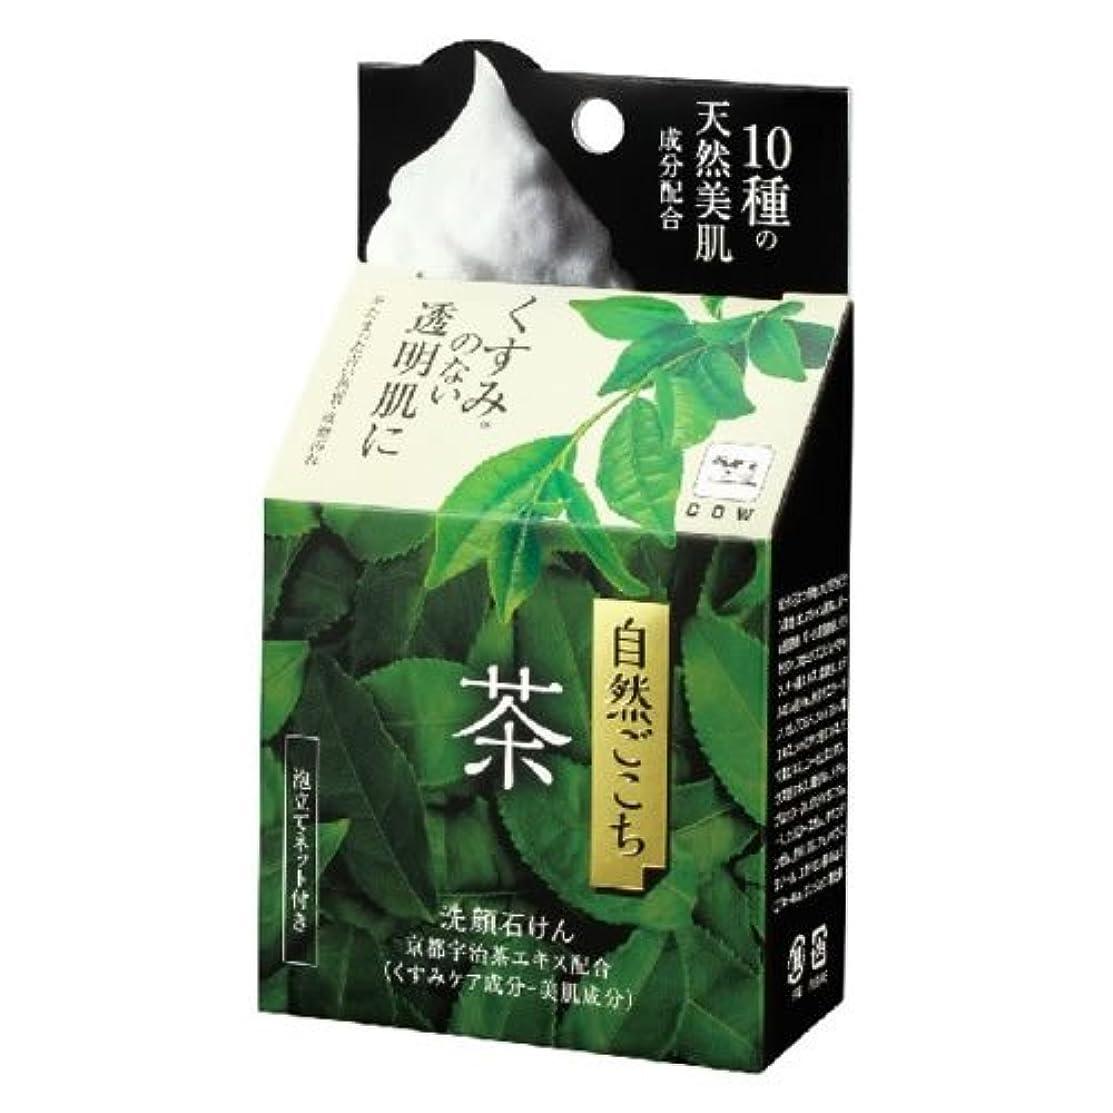 確認マットレス寛大な牛乳石鹸共進社 自然ごこち 茶 洗顔石けん 80g (お茶エキス配合洗顔せっけん) ×48点セット (4901525002288)